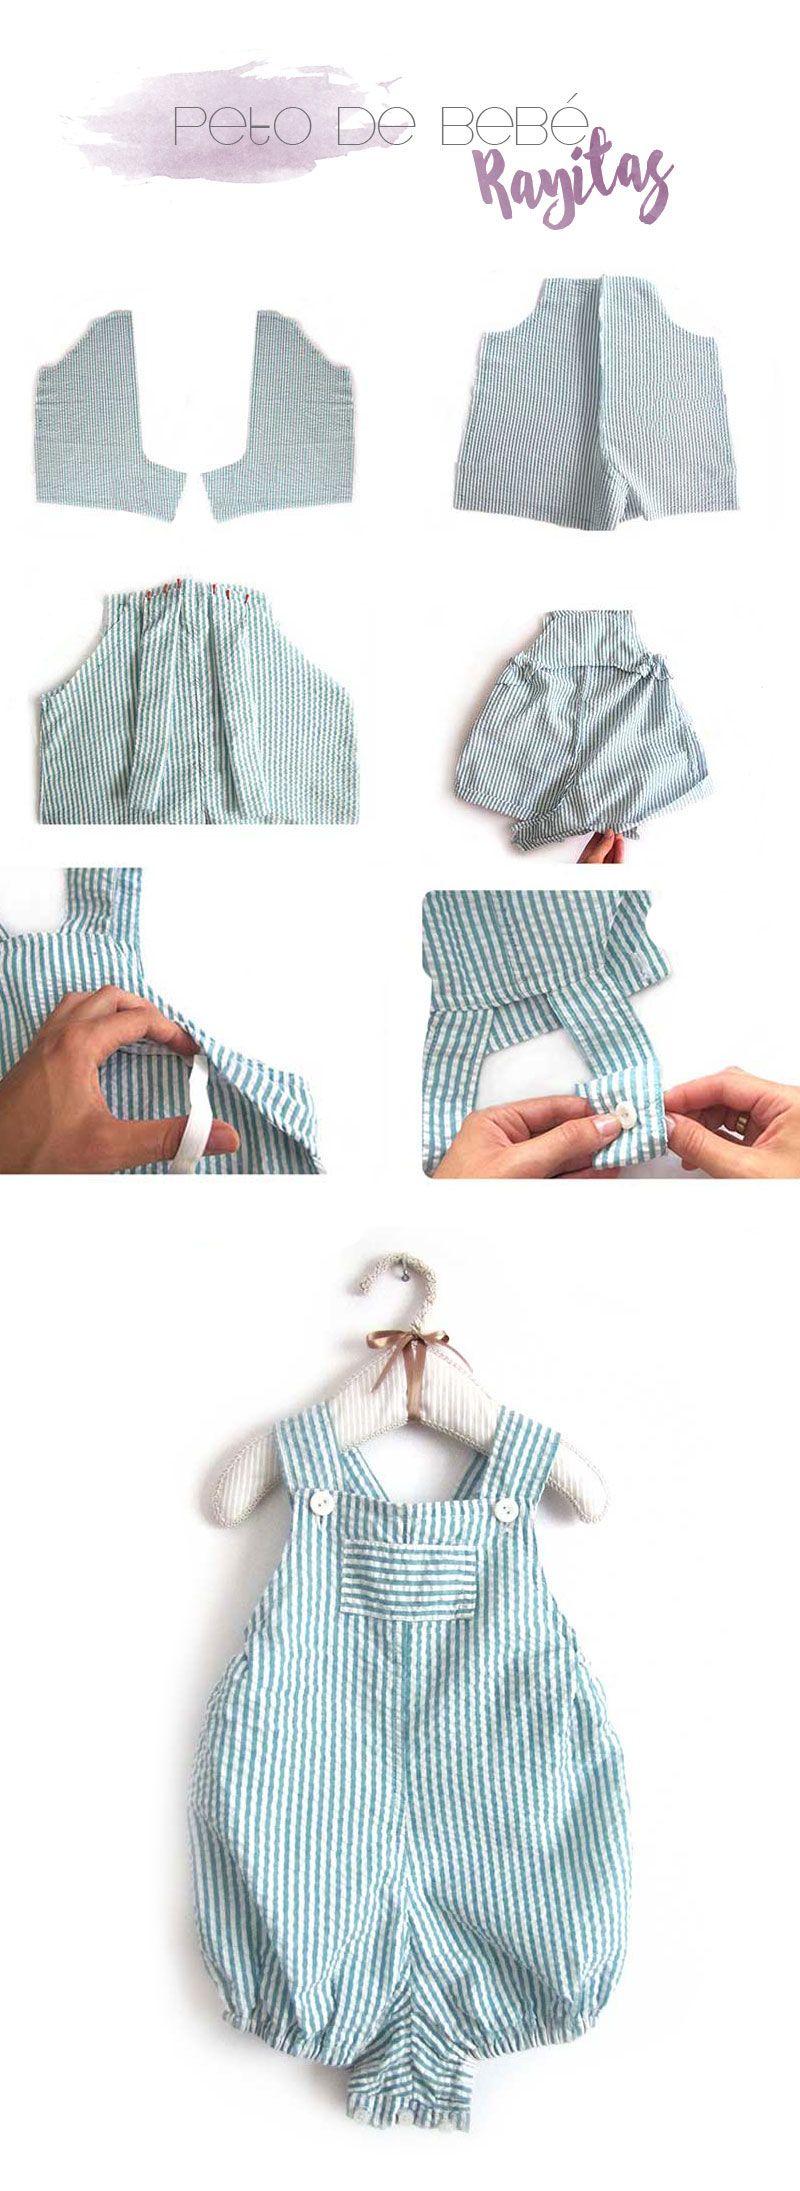 4 tutoriales de ropa de bebé de verano ¡Hazlo tu misma! (Creativa ...